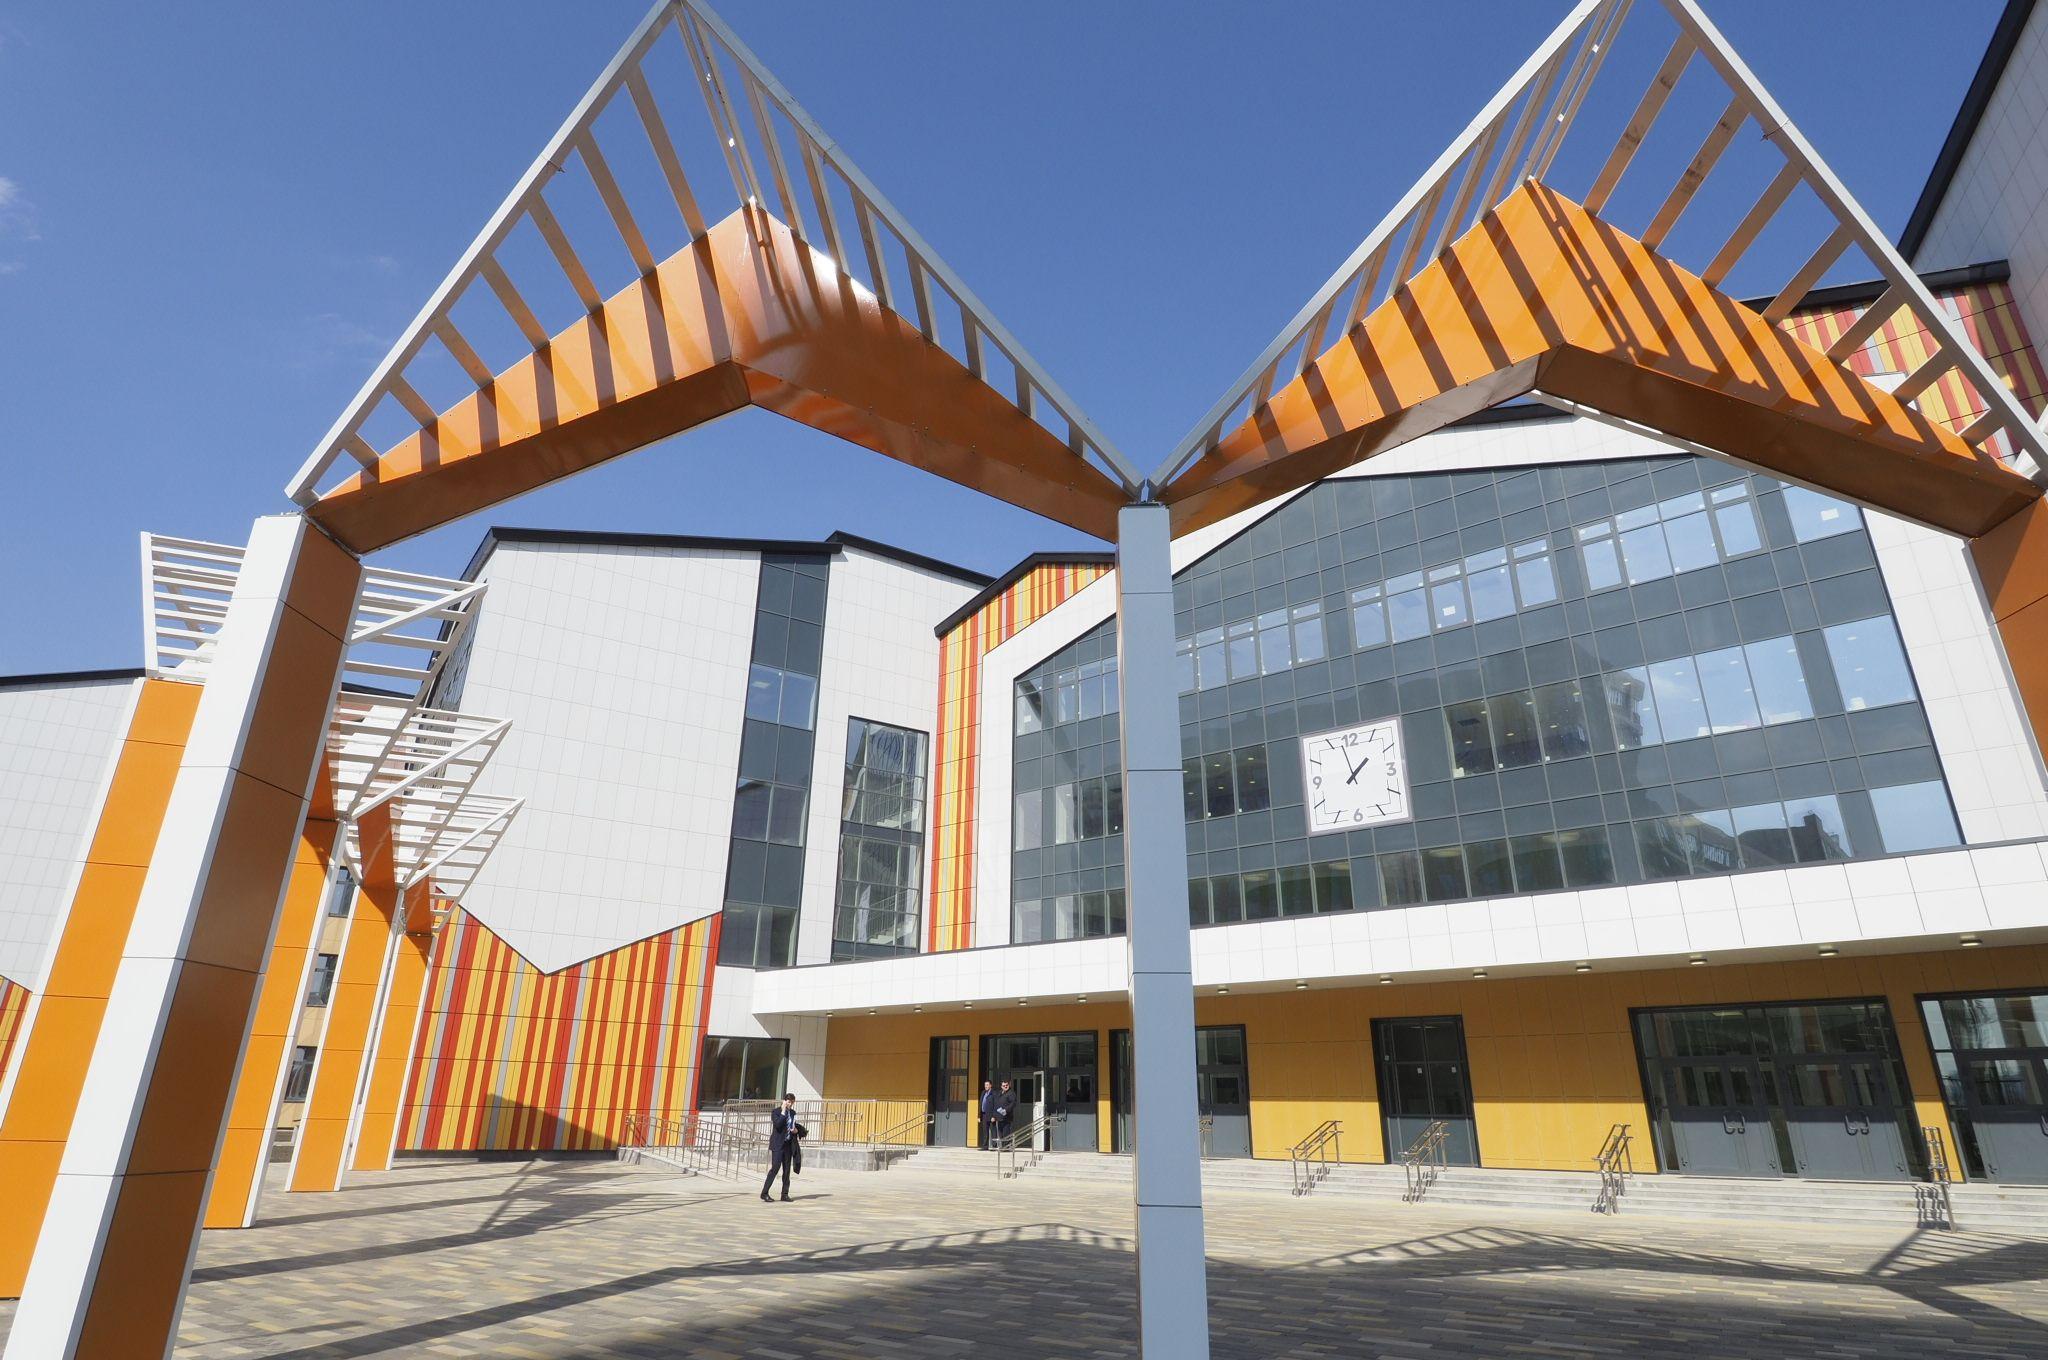 В Москве построили 28 школ и детсадов с начала года